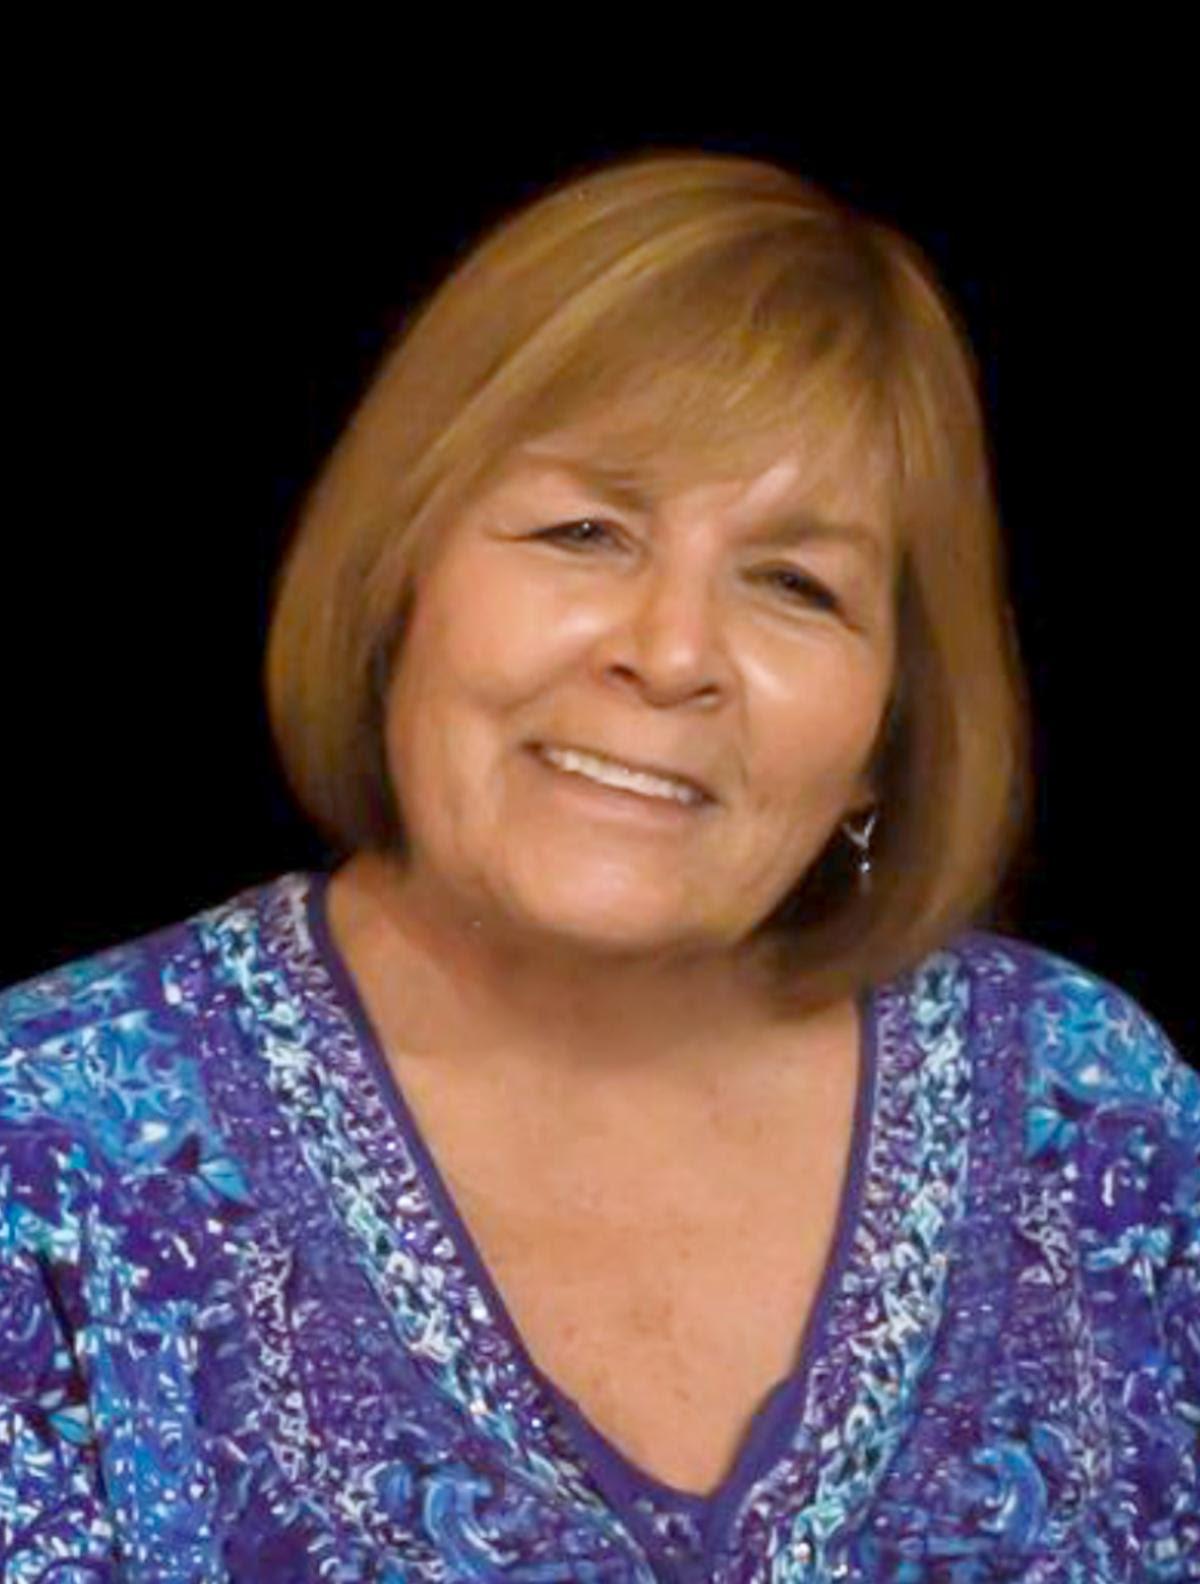 Lynn J. Kensinger, President and CEO